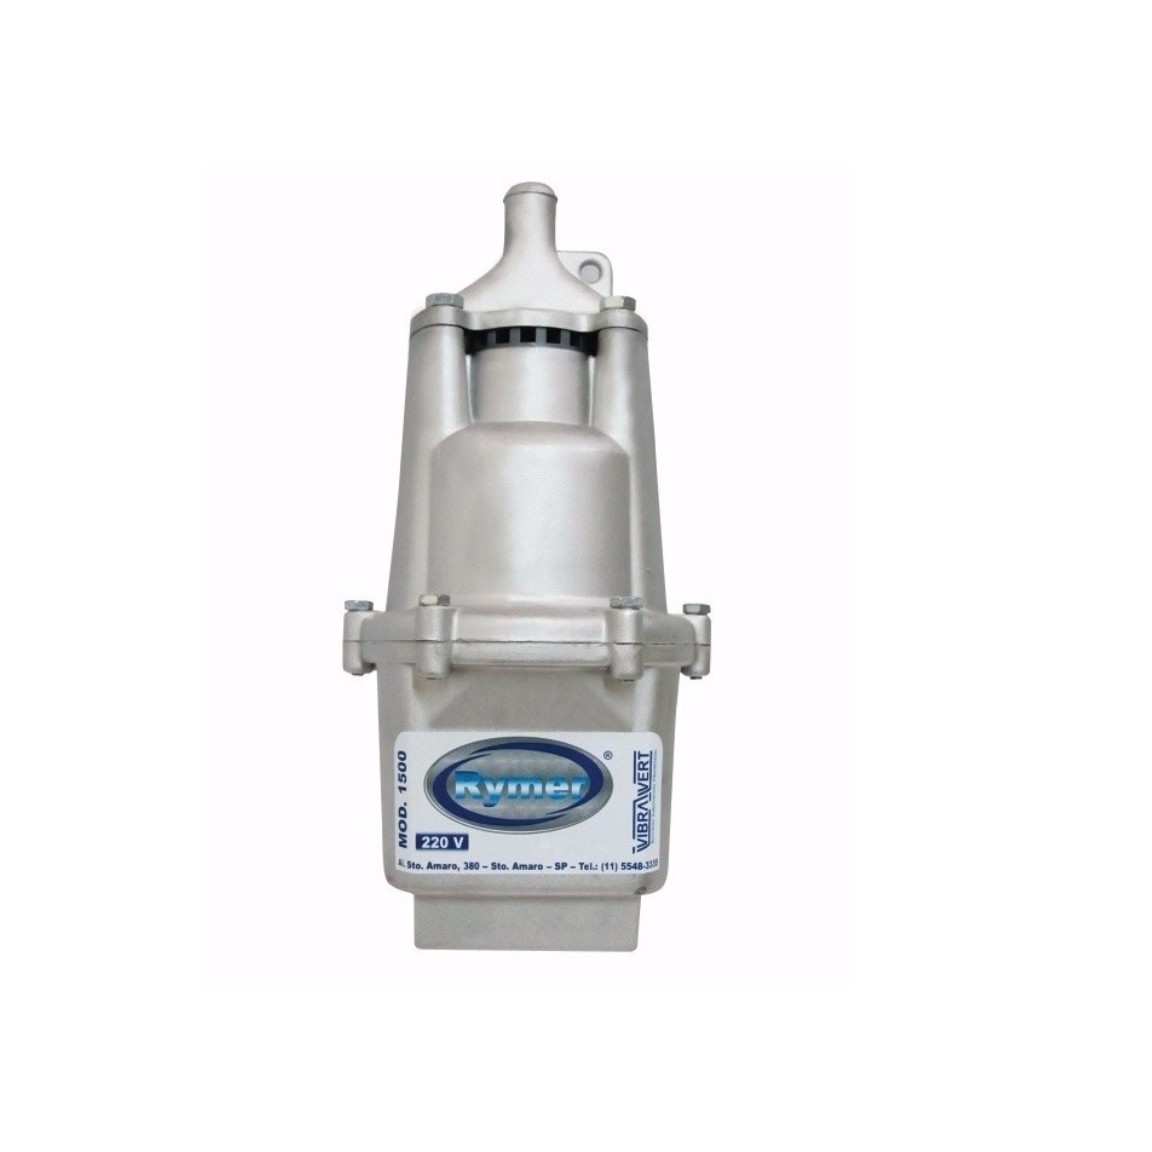 Bomba Vibratoria Rymer 1500 127V - Vibravert